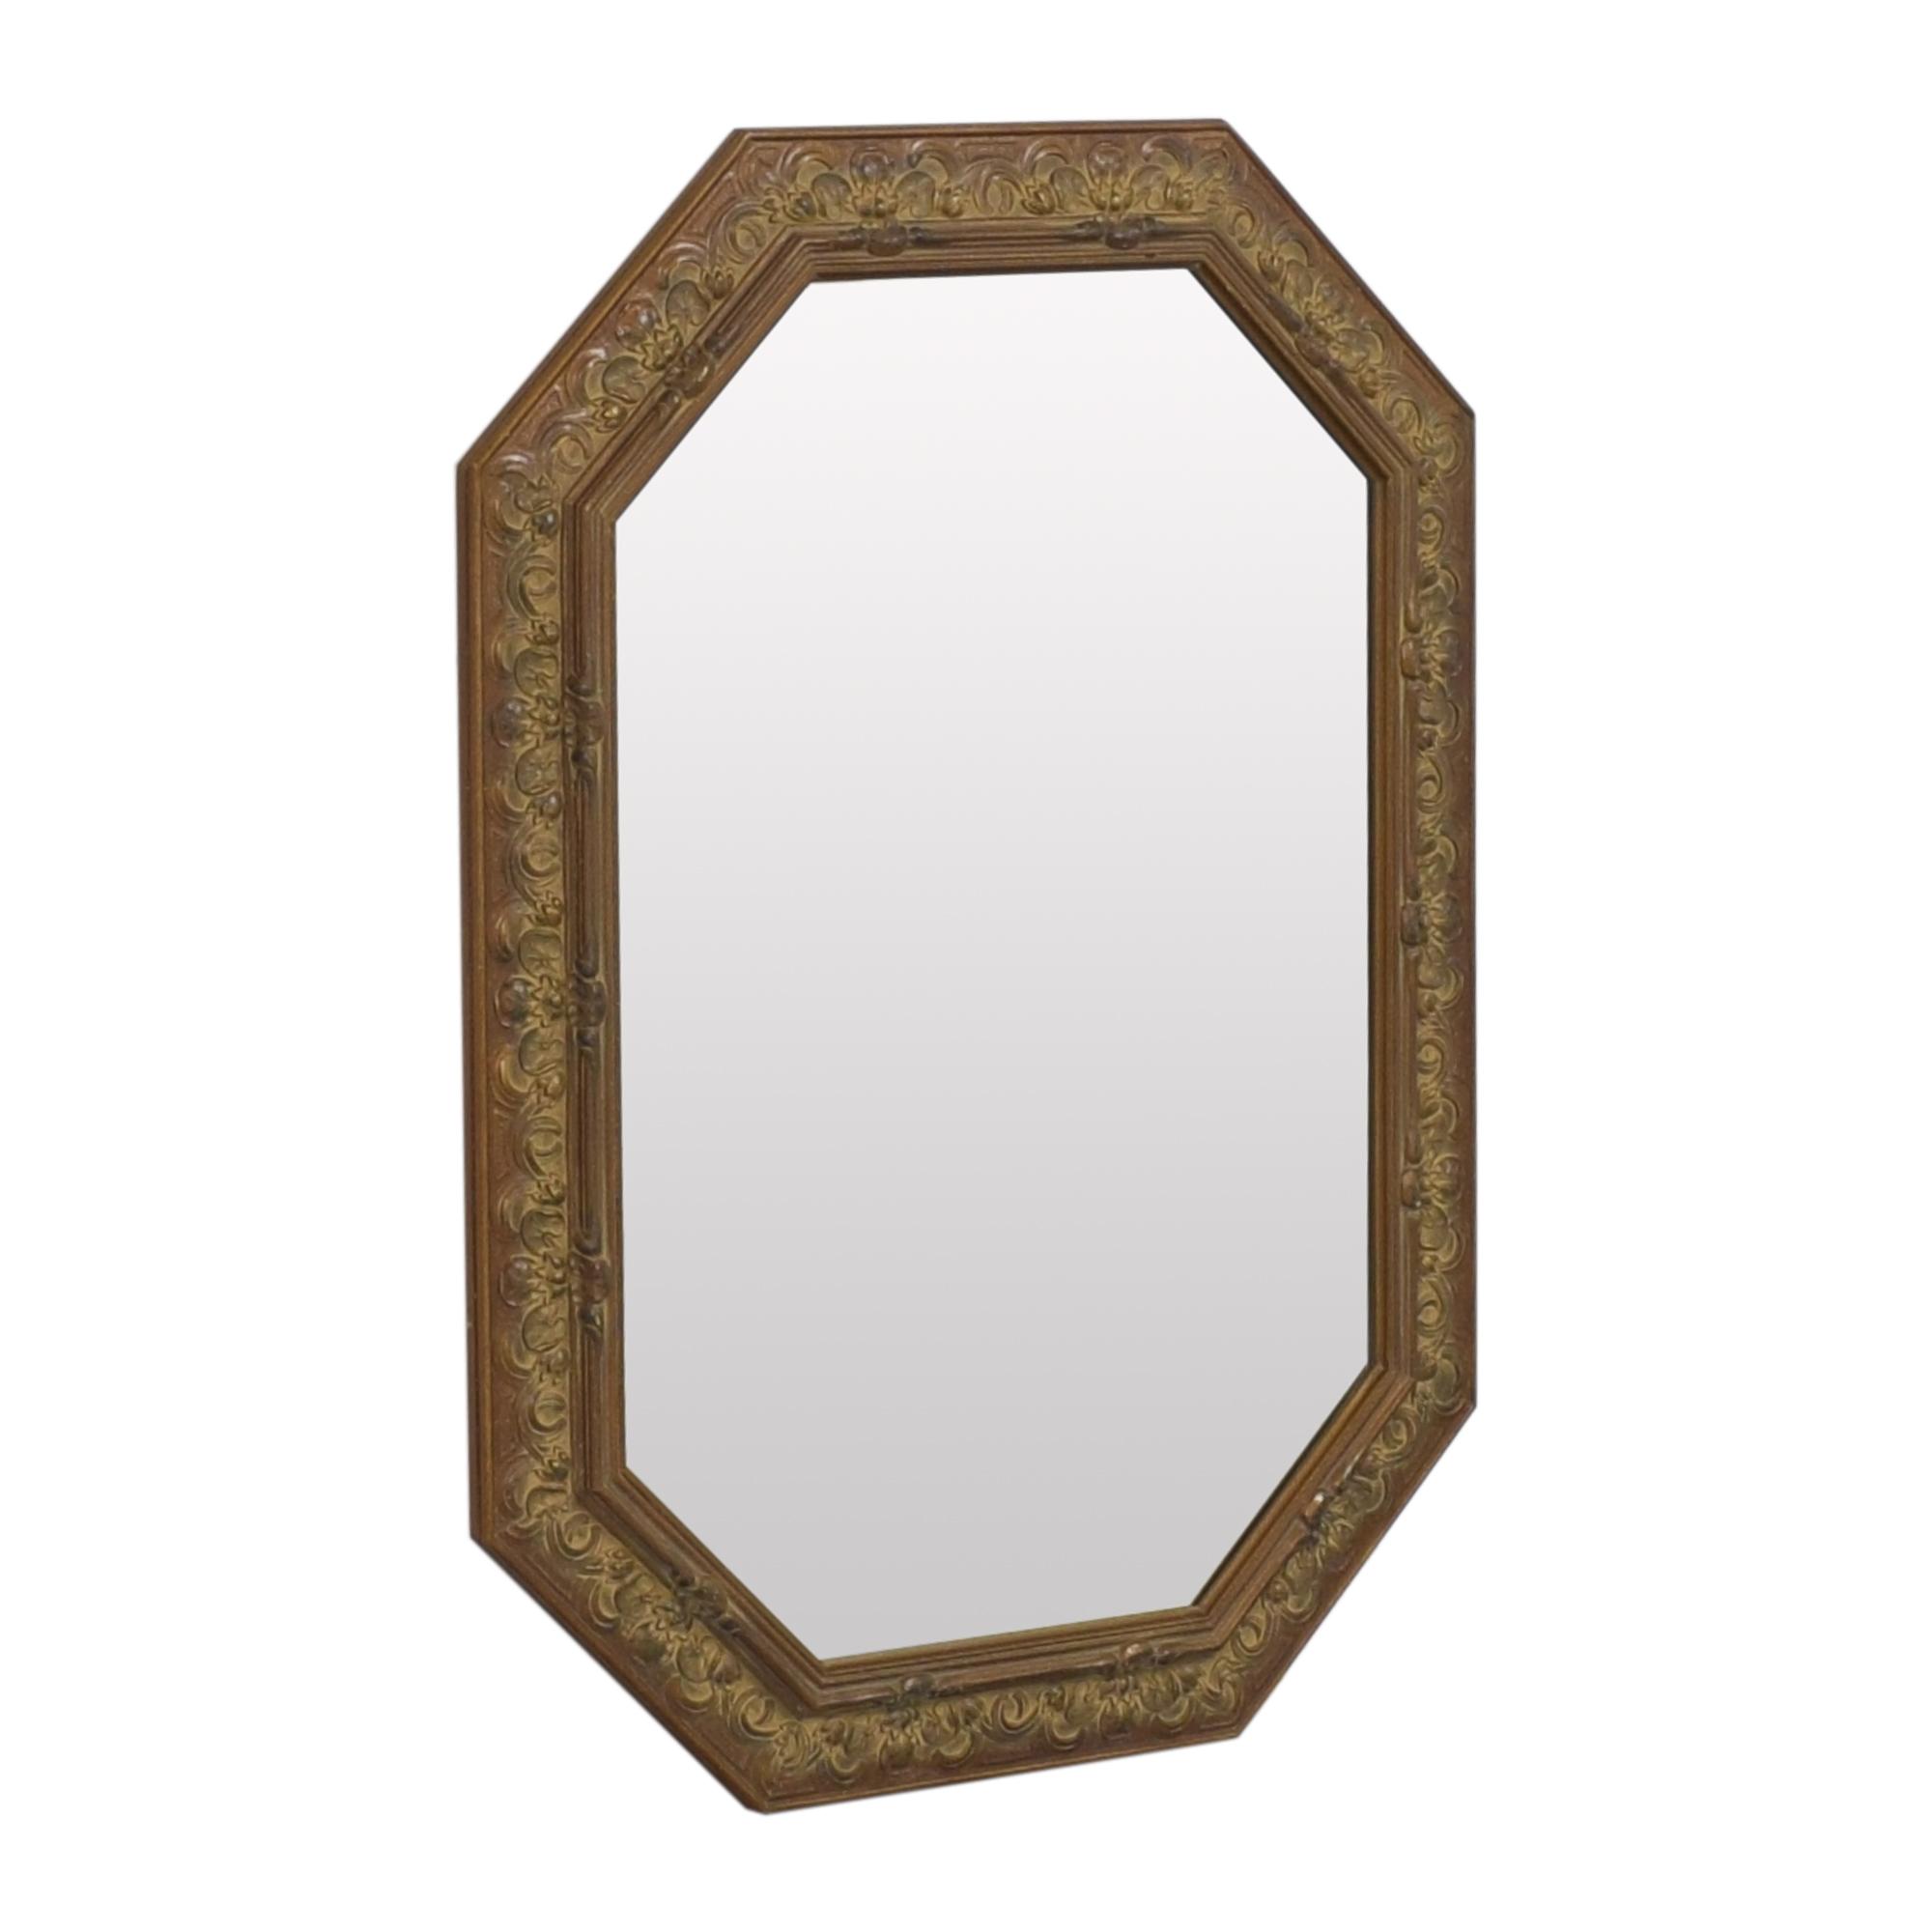 Ethan Allen Ethan Allen Octagonal Wall Mirror coupon